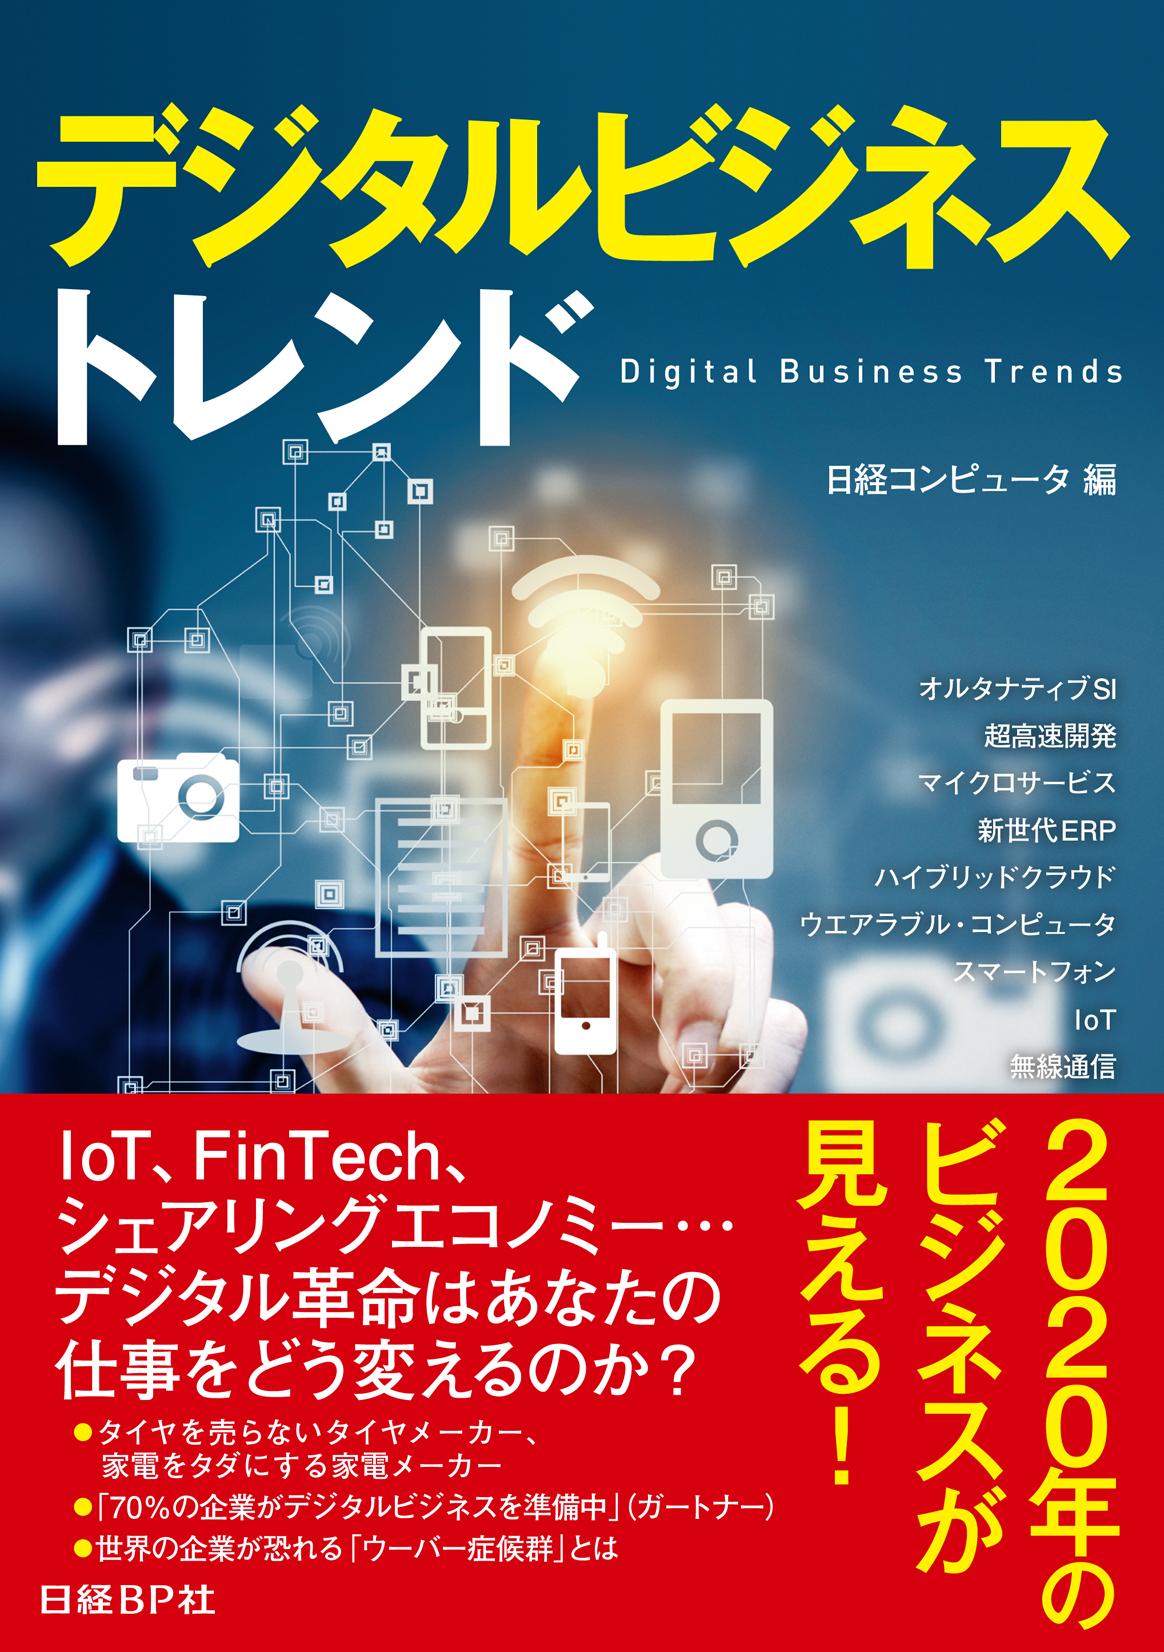 デジタルビジネストレンド